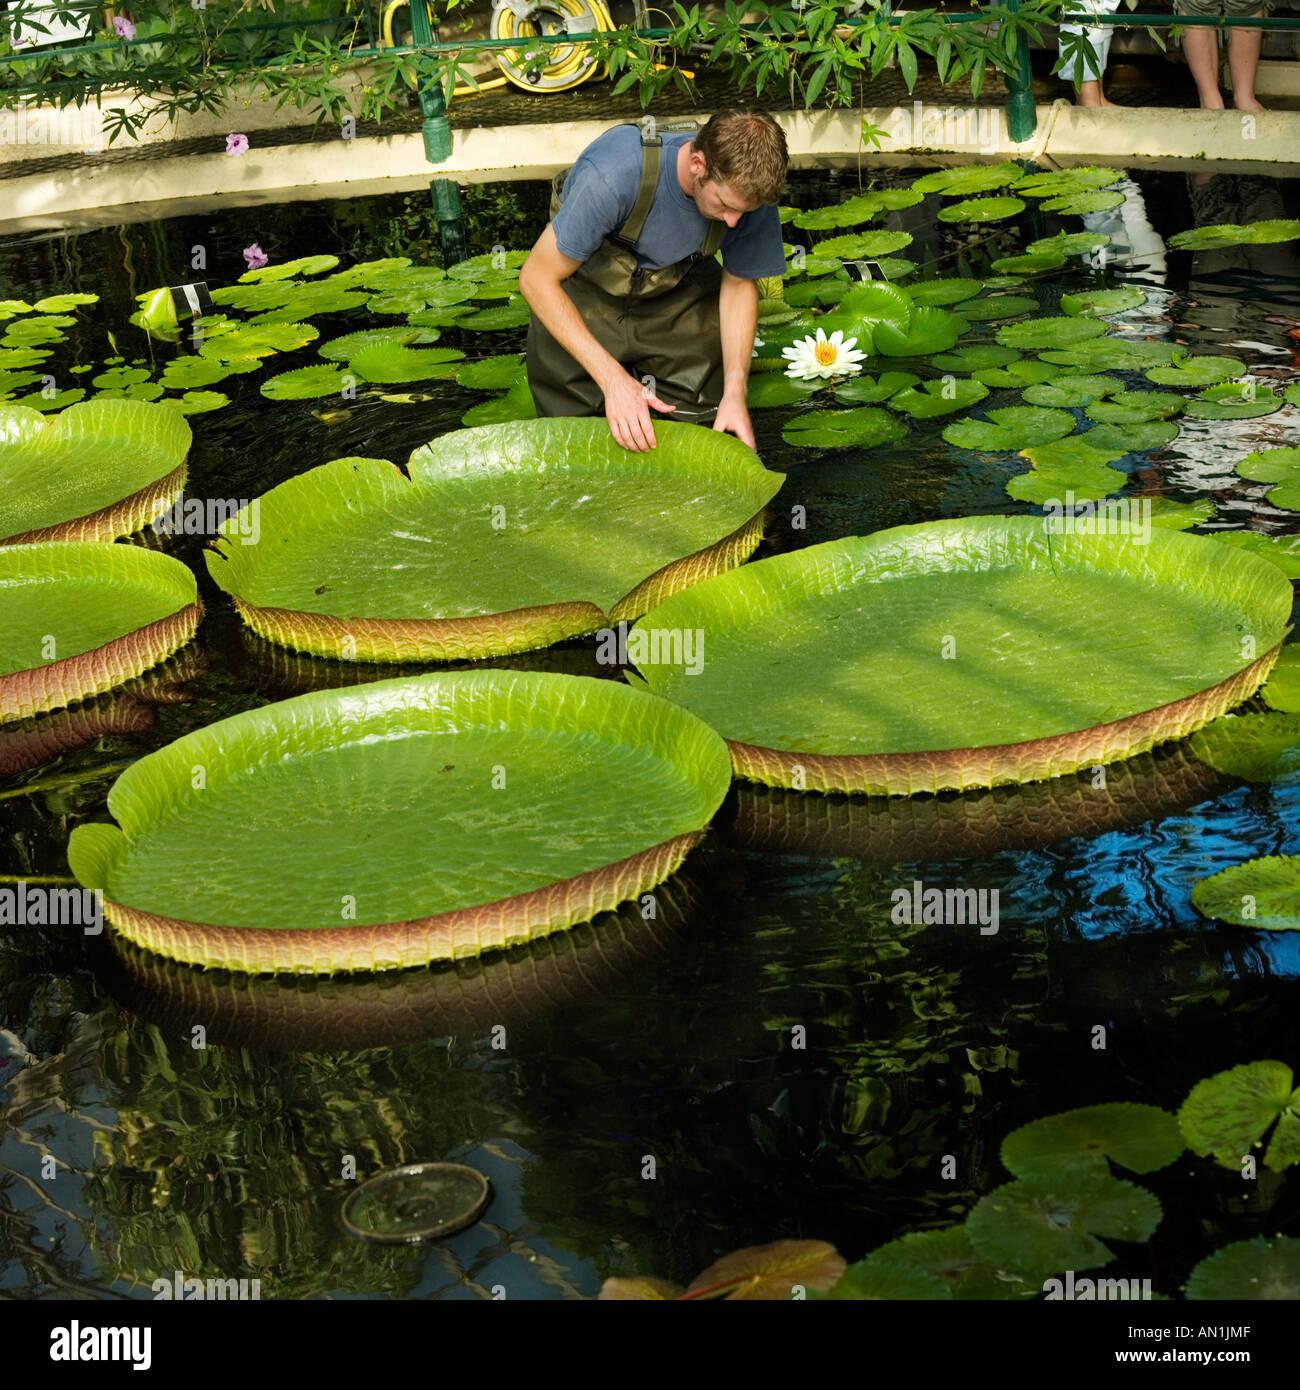 Giant Water Lily Gardener Santa Cruz Lily Kew Gardens